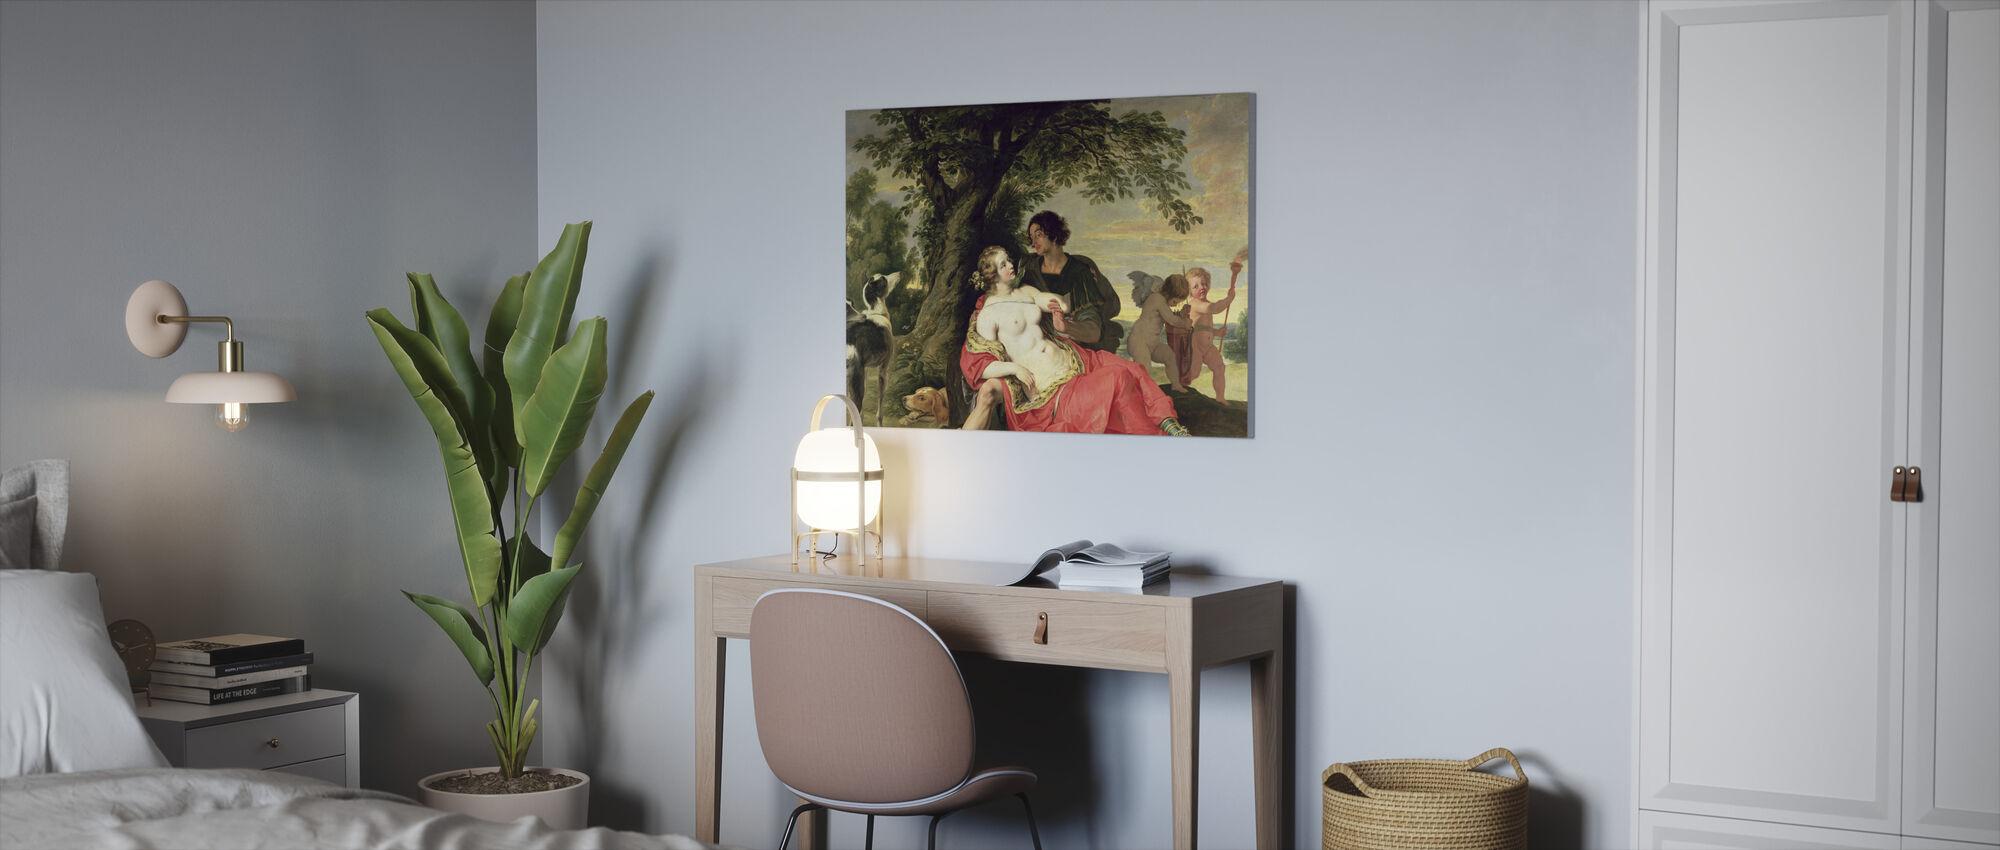 Venus og Adonis - Abraham Janssens - Lerretsbilde - Kontor